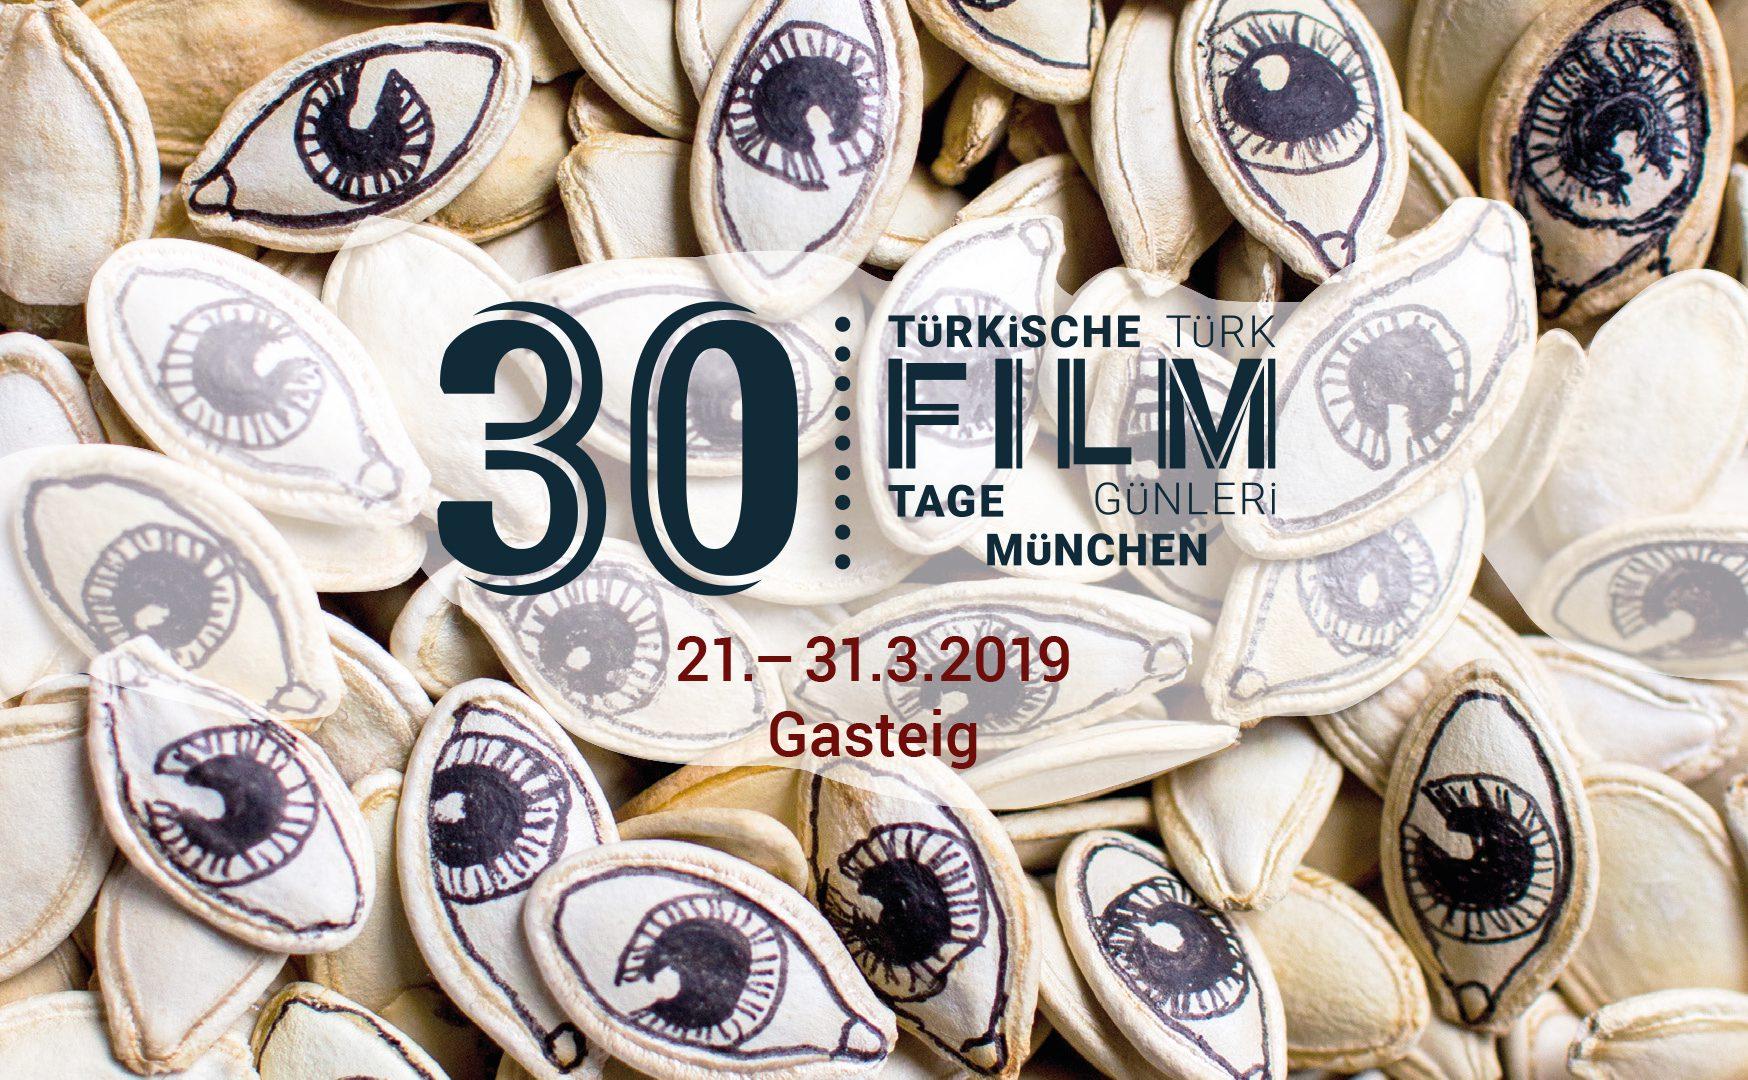 Die 30. Türkischen Filmtage erwarten euch mit einem spannenden Programm. Zu sehen gibt es 12 Spielfilme, 5 Dokumentarfilme, 8 Kurzfilme und 1 Film für Kinder.  In Kürze findet ihr hier das vollständige Programm!